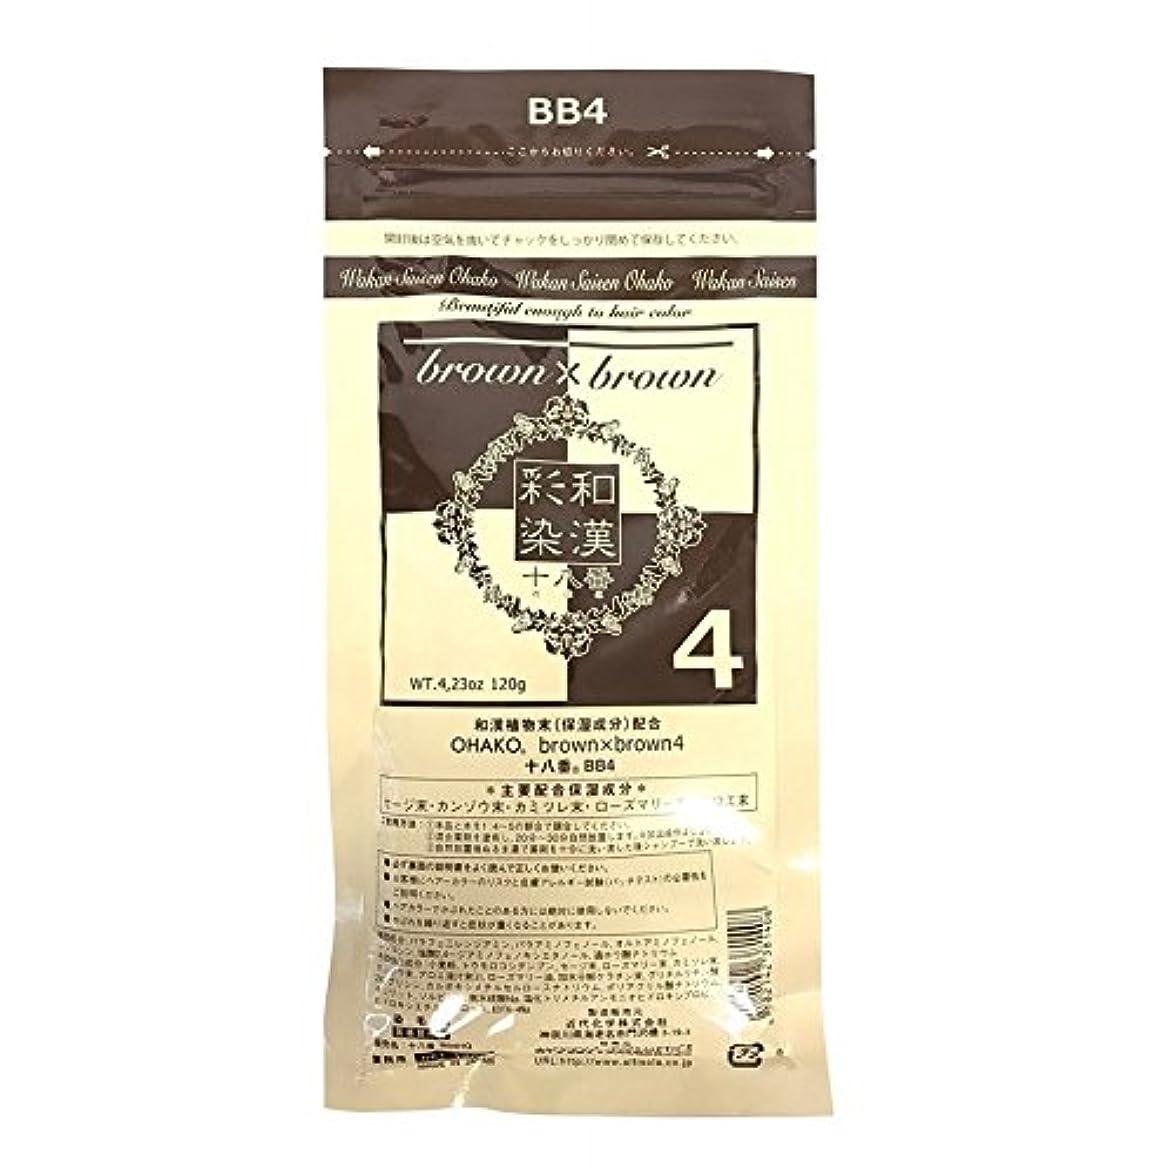 アクティビティ移住する発言するグランデックス 和漢彩染 ブロコローレ BB4 120g